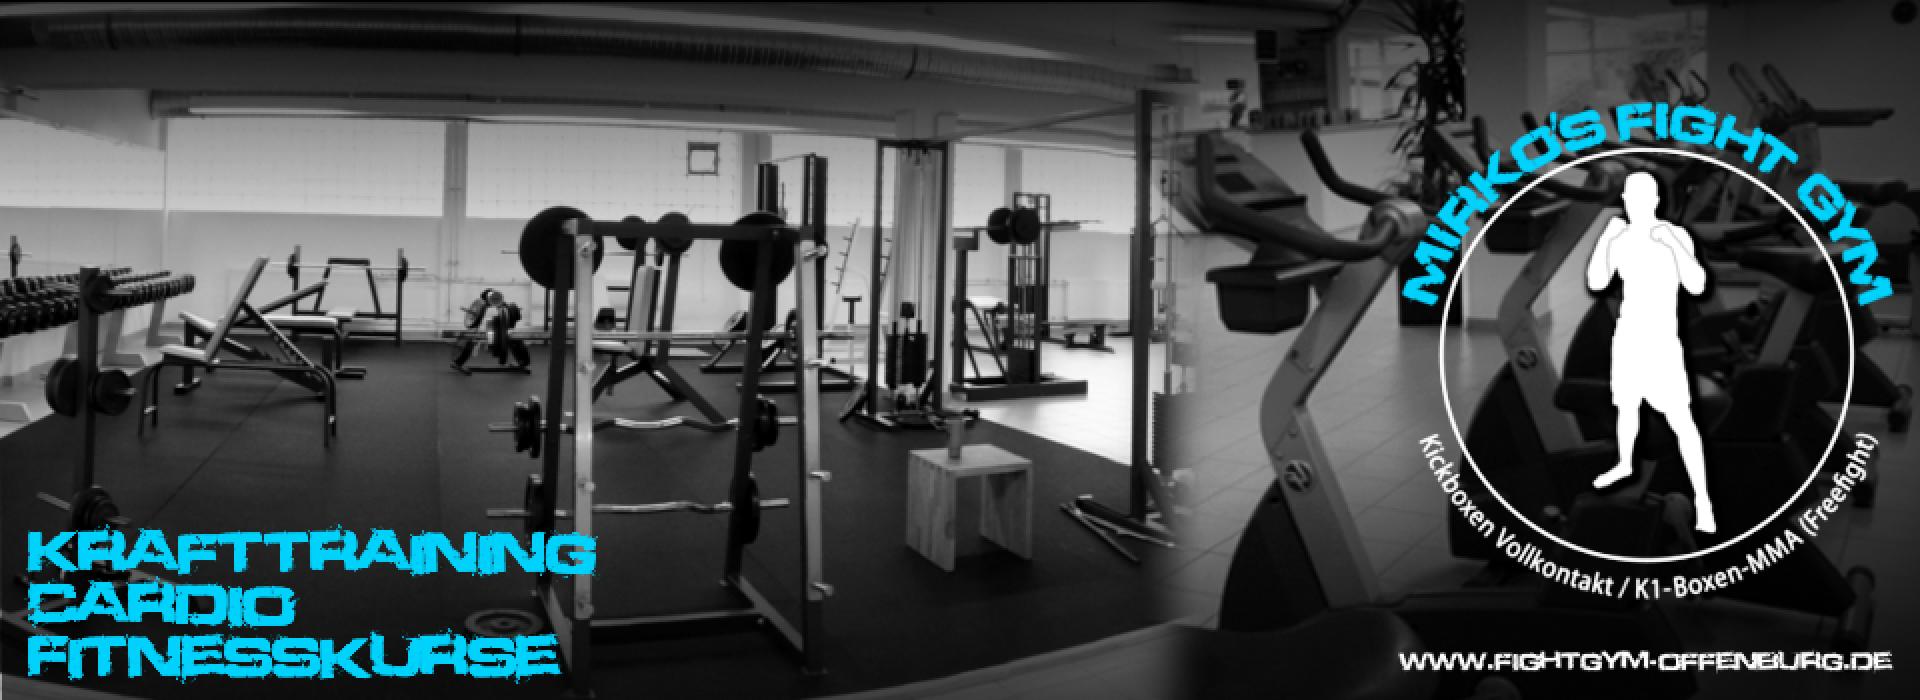 Fit Gym Offenburg